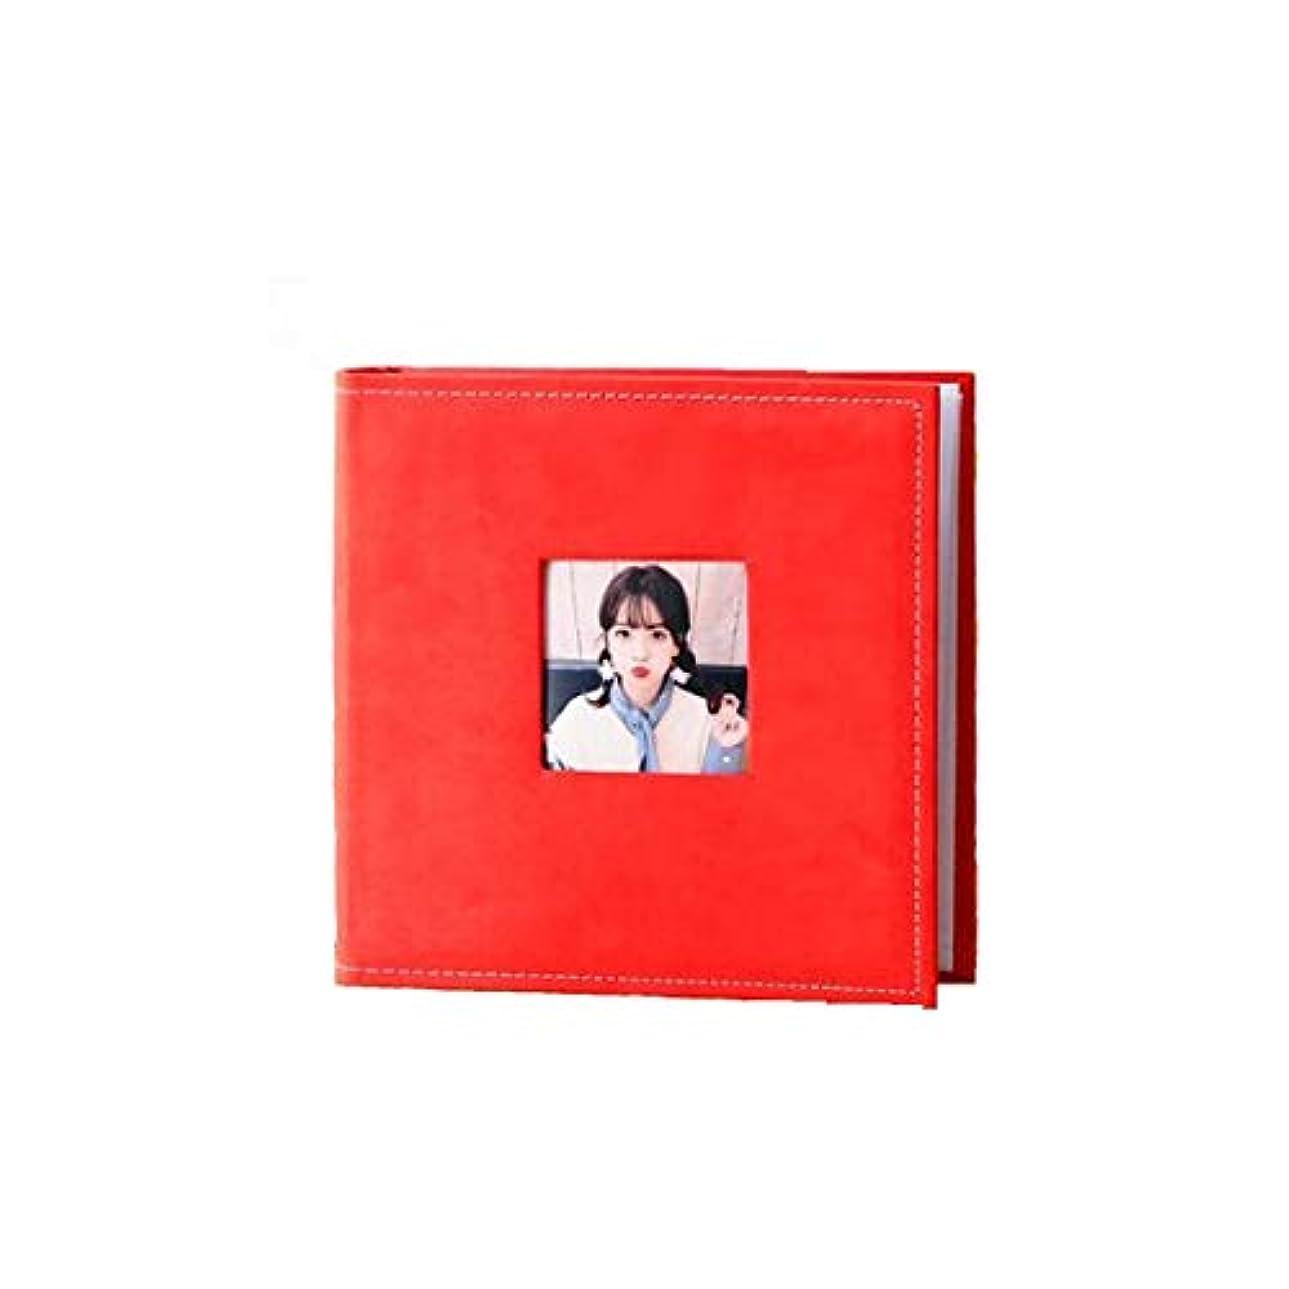 田舎者時間とともに従者NTSM アルバム、アルバム、インタースティシャル広告は、6インチの高容量200アルバムディアスキン (Color : Red)